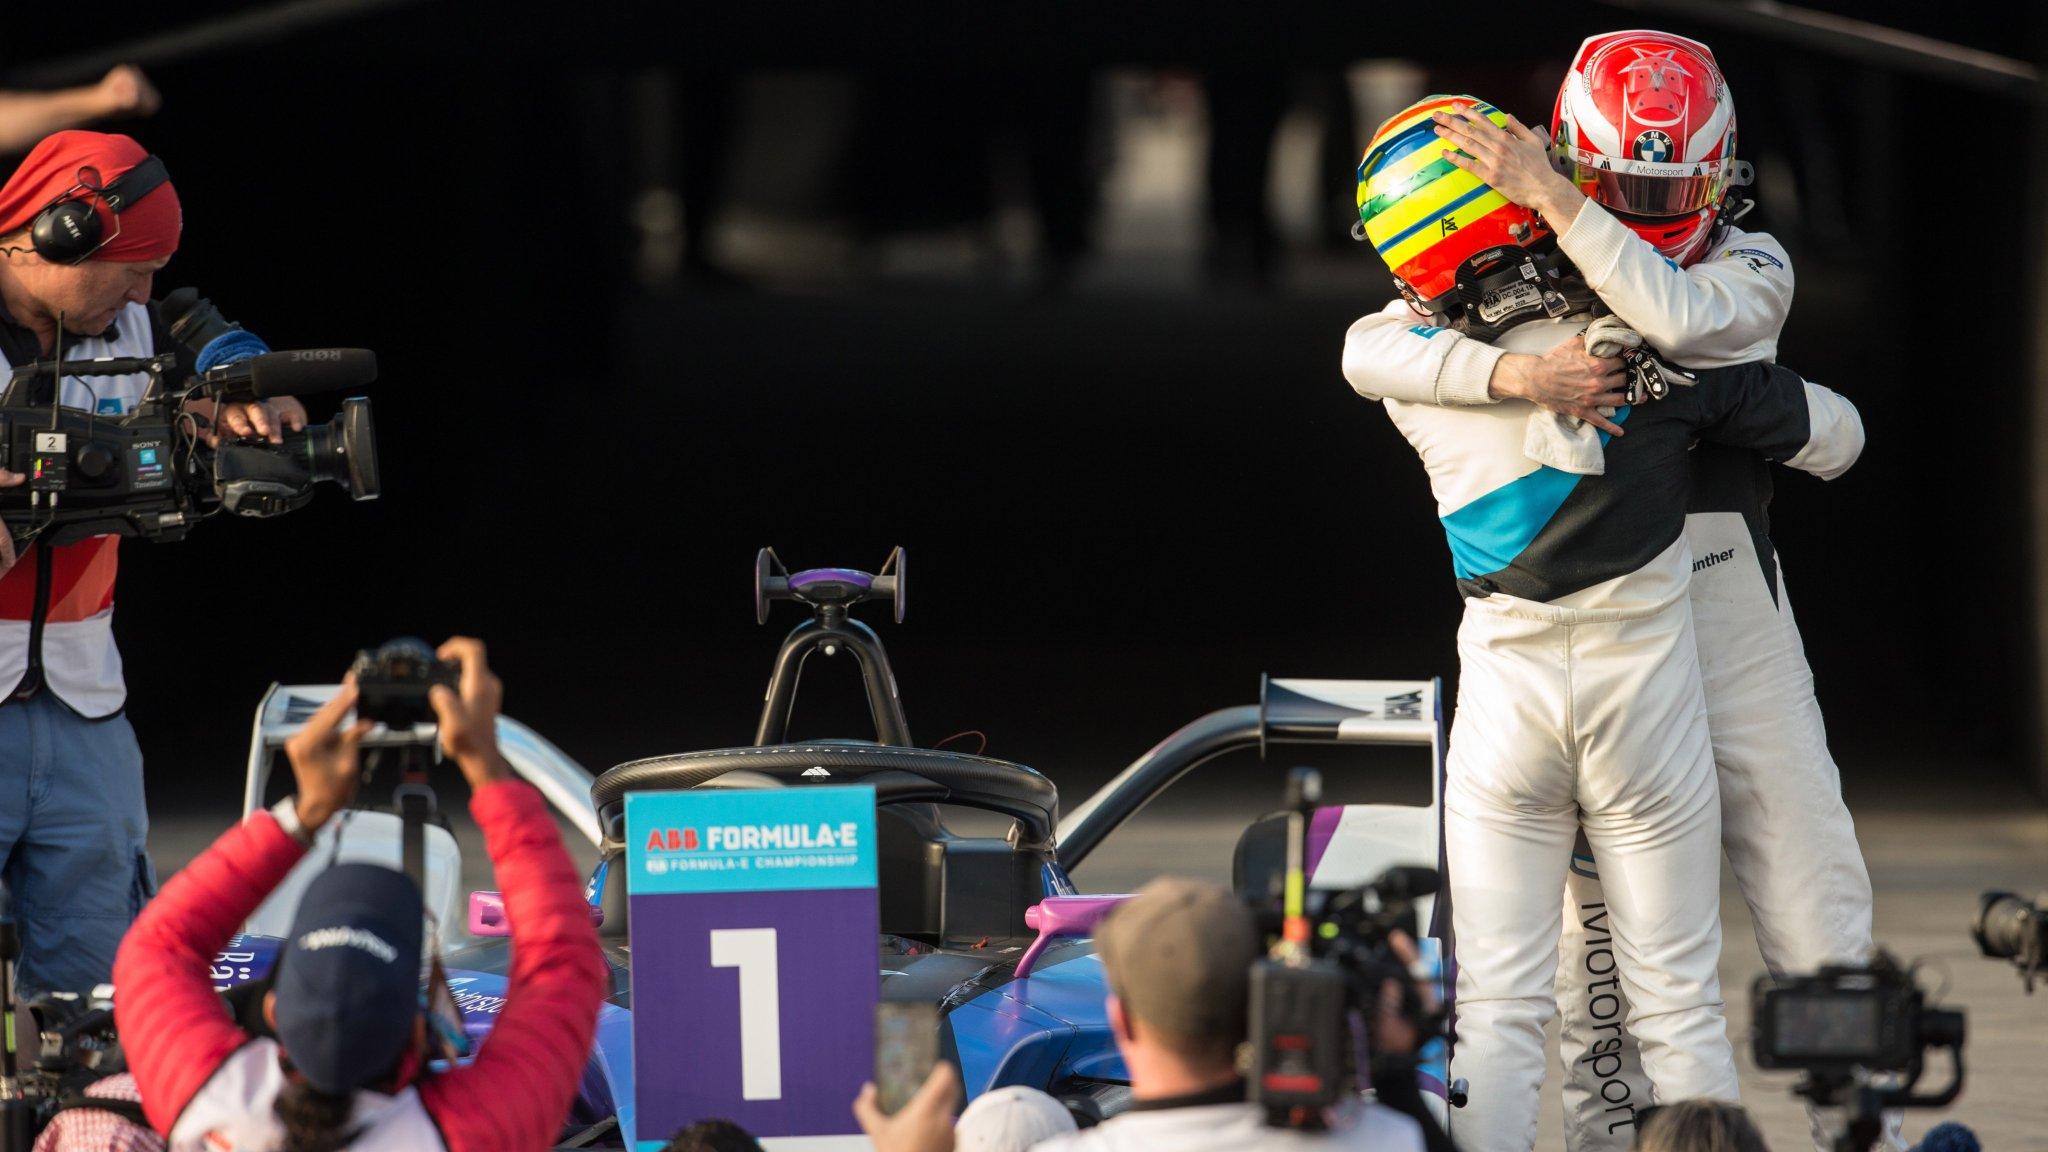 """Гонщики """"Андретти БМВ"""" после финиша субботней гонки """"Формулы-Е"""" в Саудовской Аравии"""